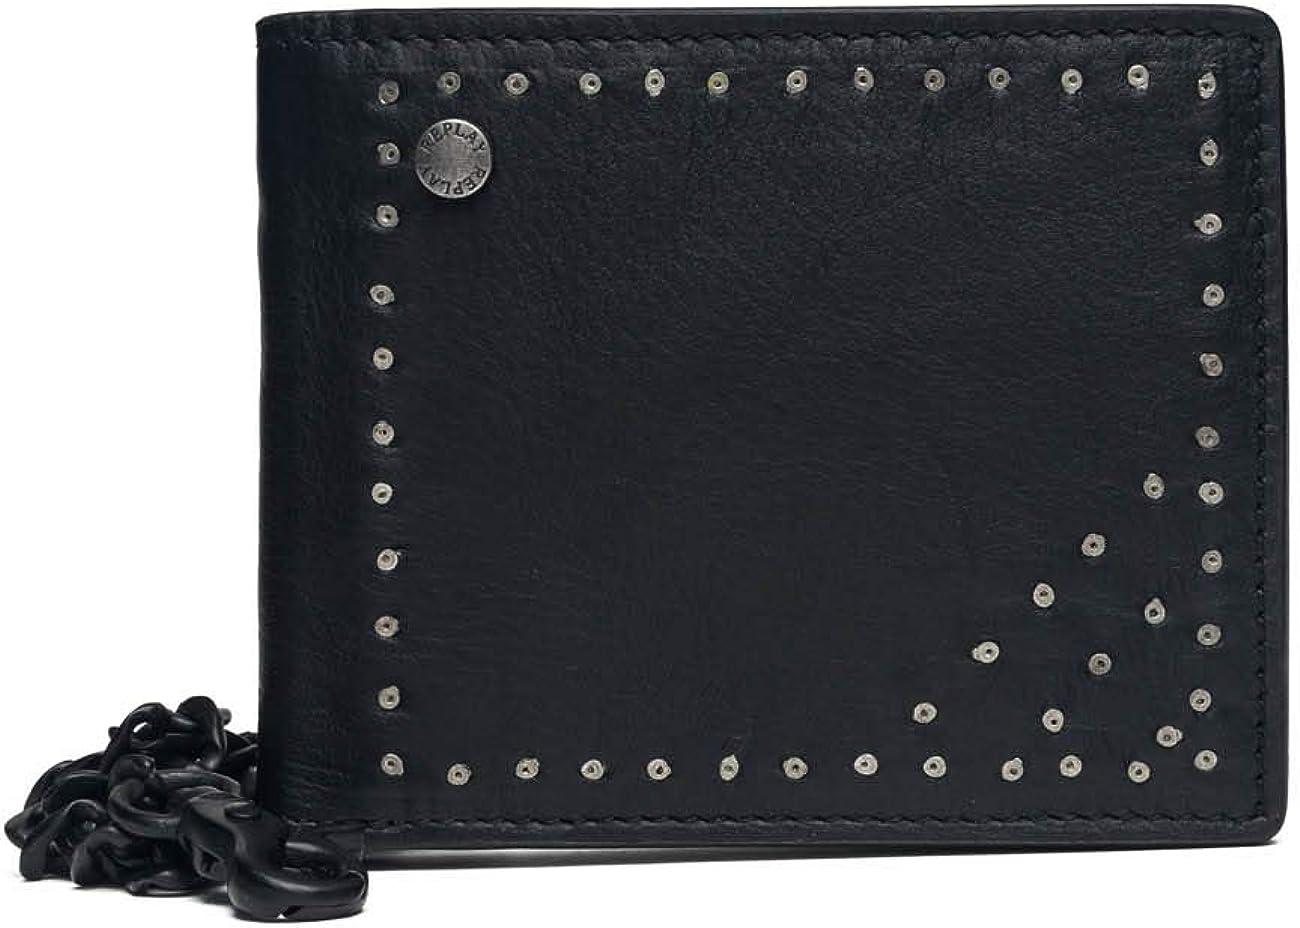 REPLAY - Fm5171.000.a3003d, Carteras Hombre, Negro (Black), 1x10x12,5 cm (W x H L)